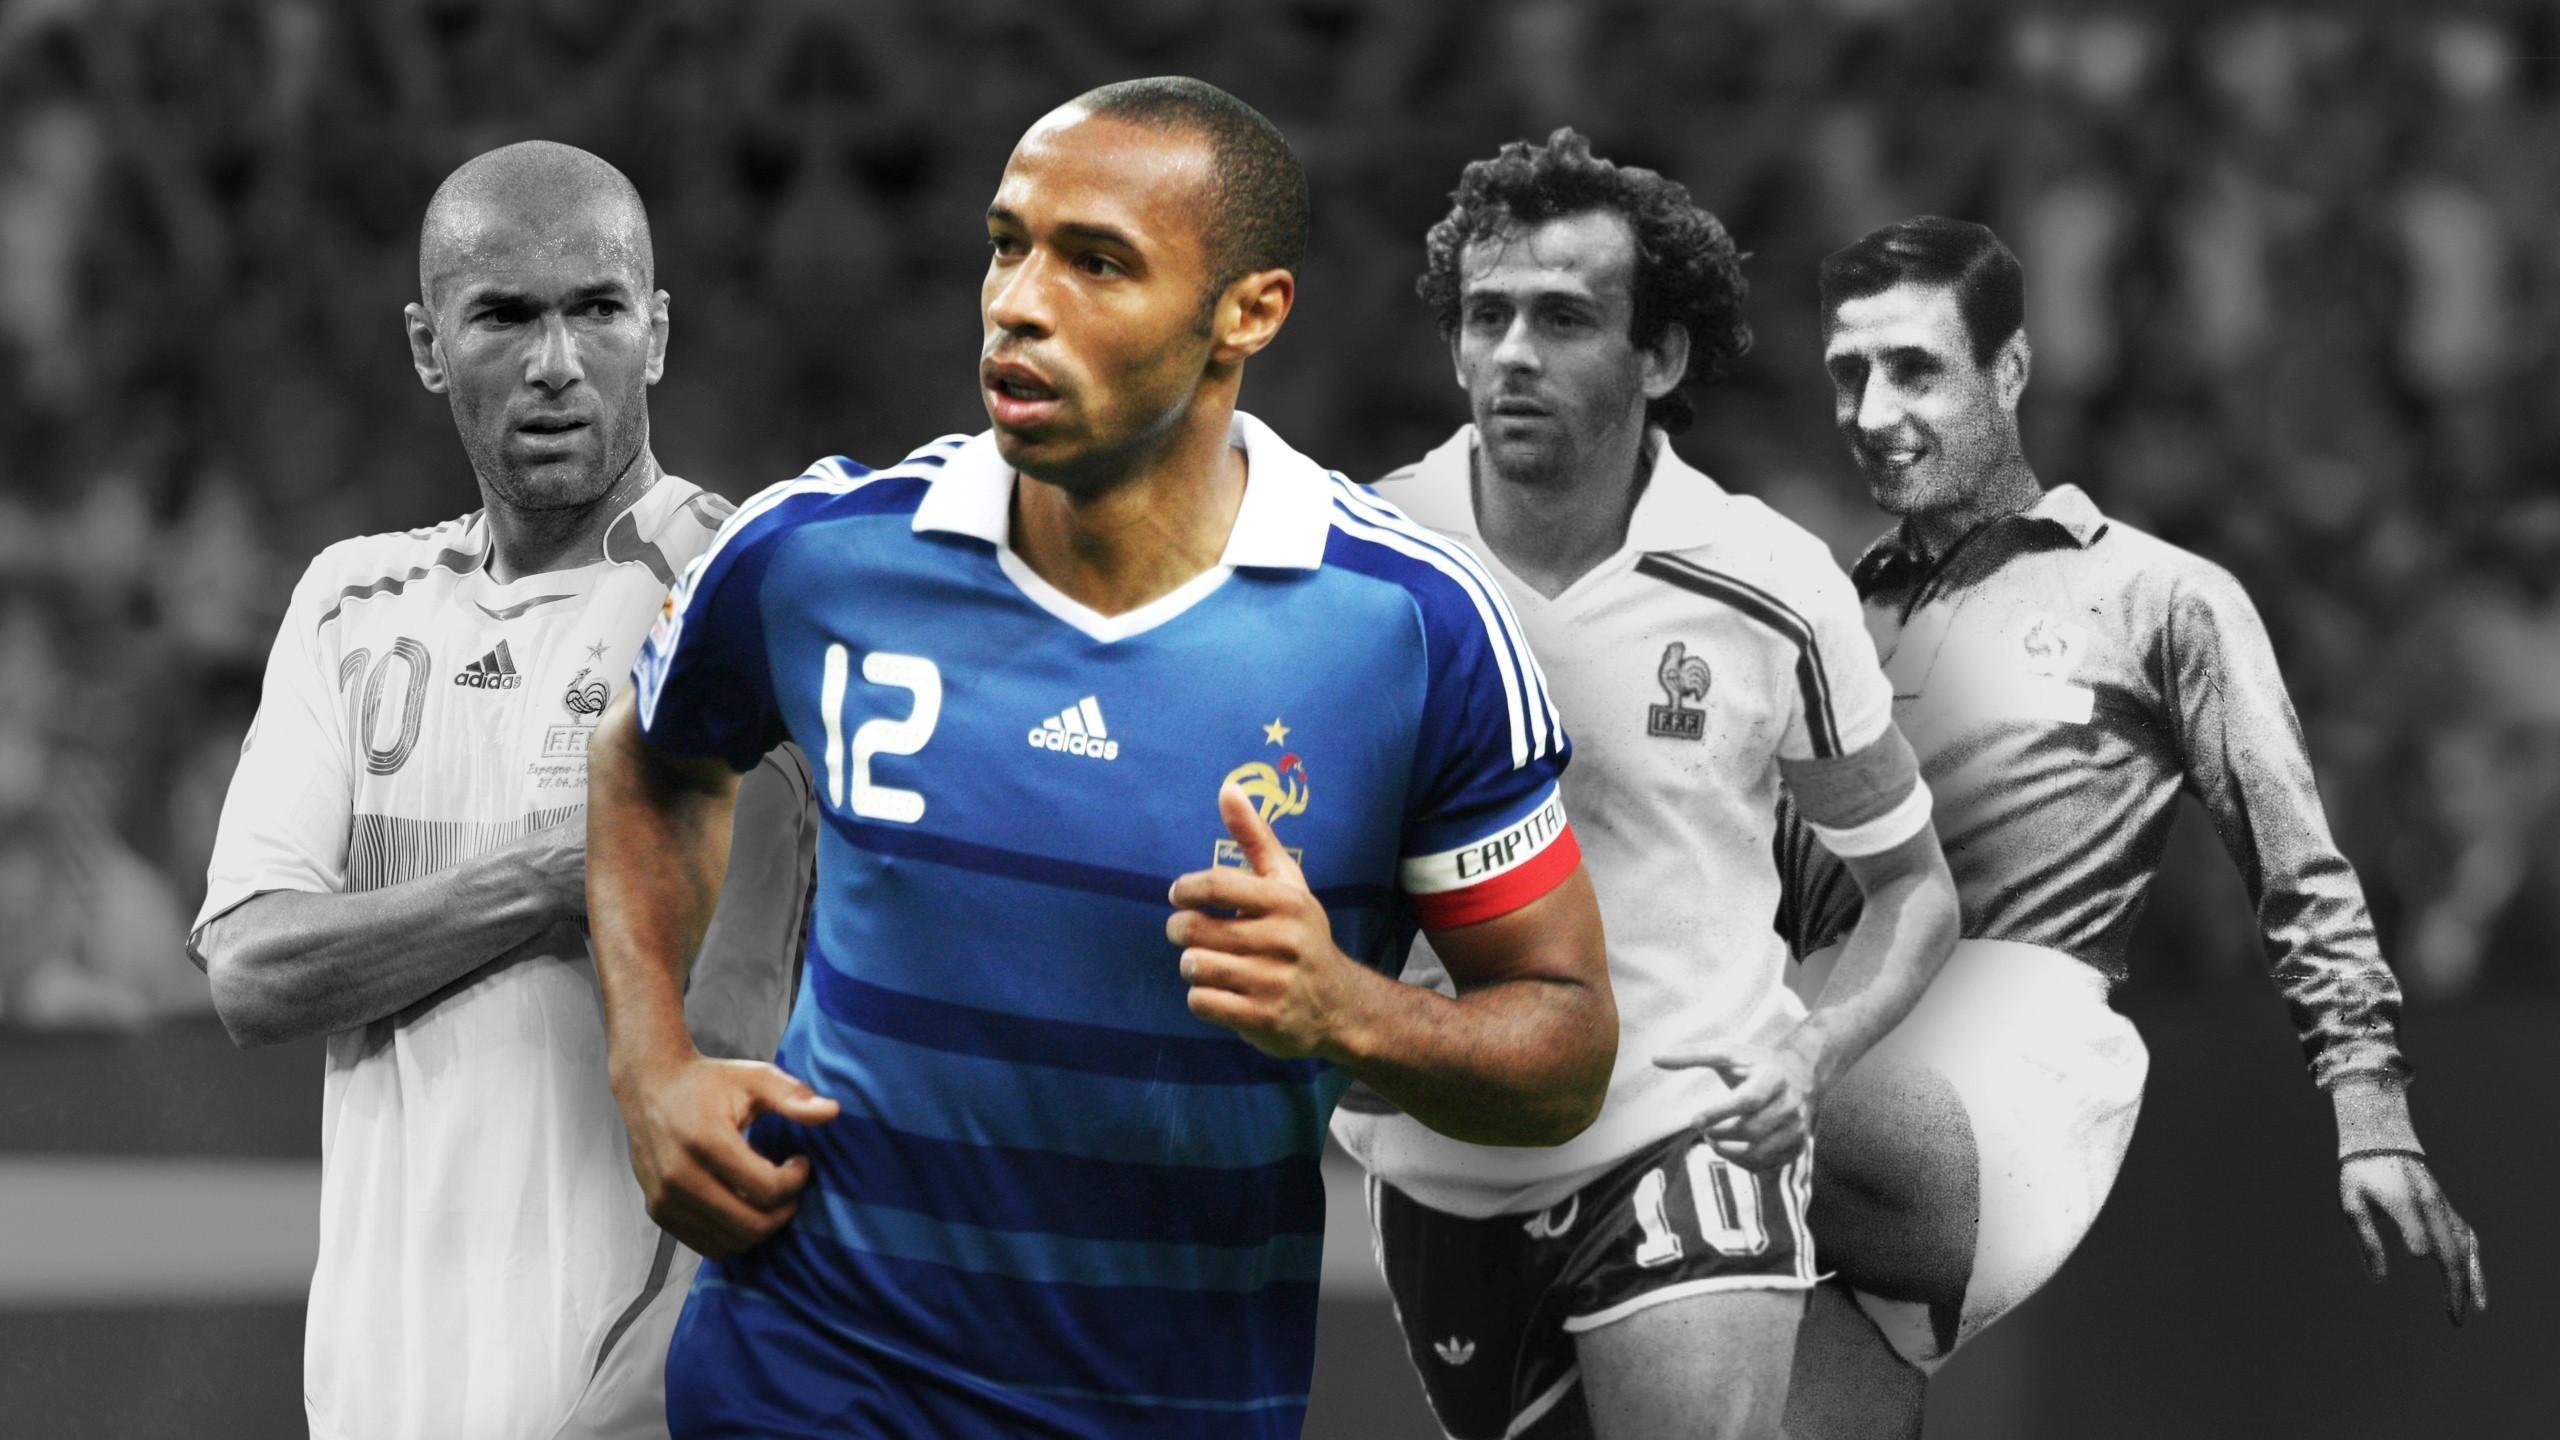 Los mejores futbolistas franceses de la historia